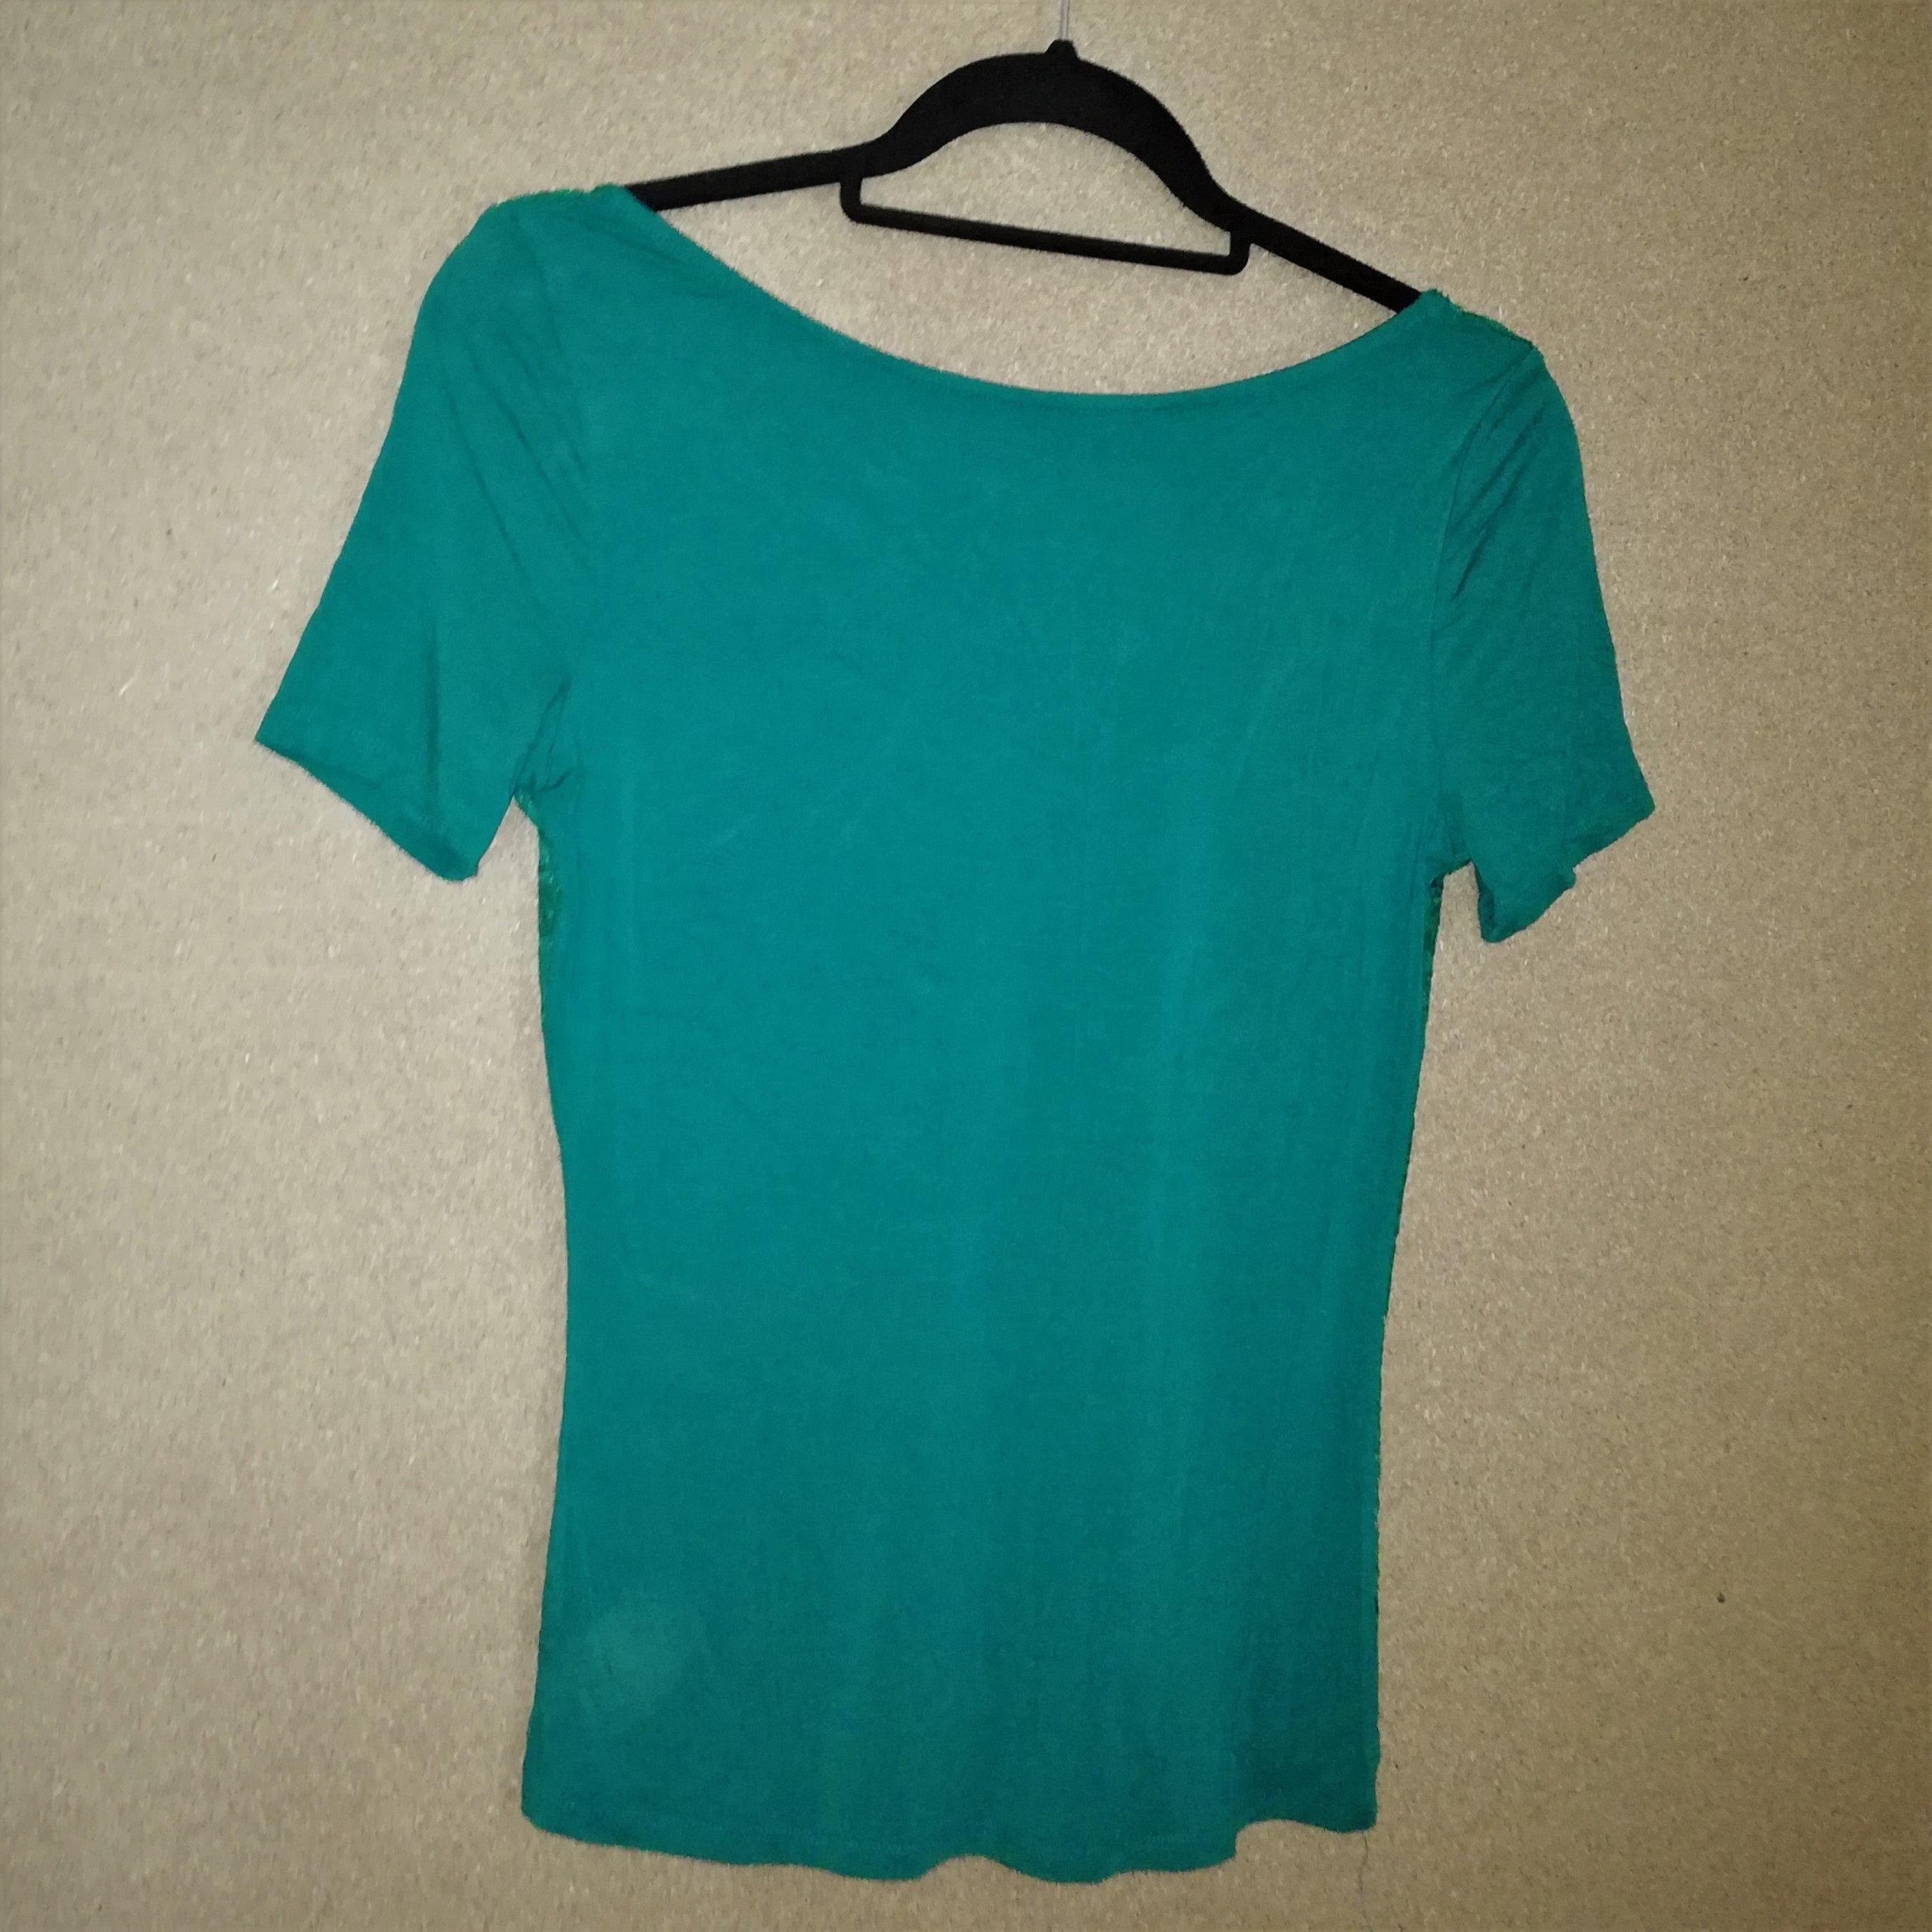 a36751f156 Zara Zielona bluzka